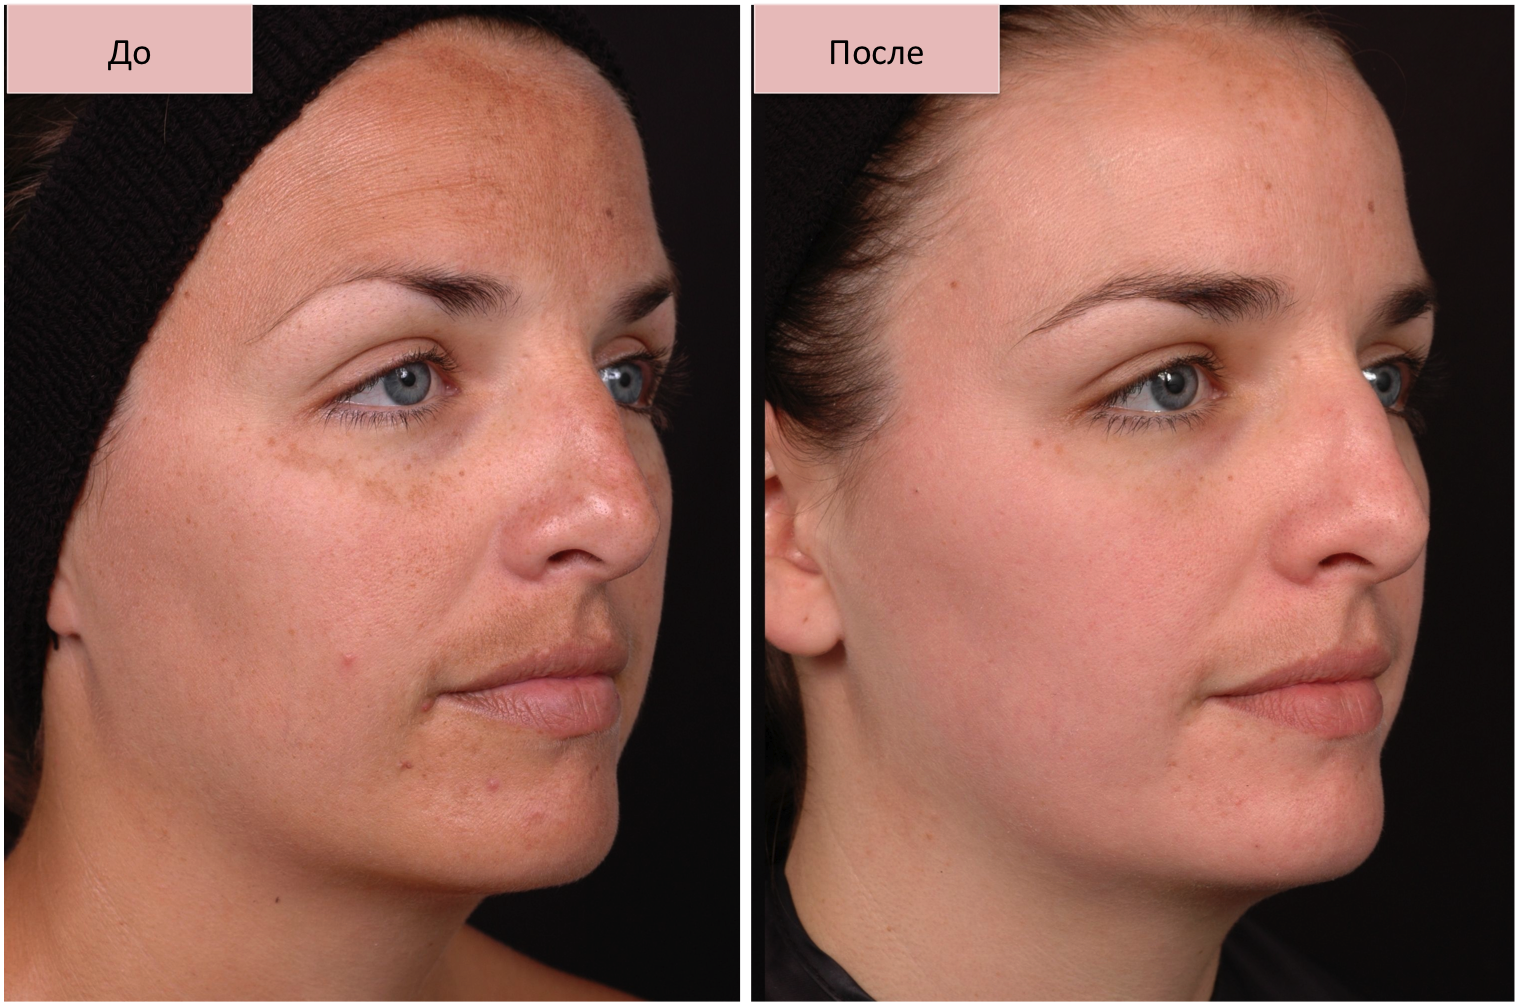 Гиперпигментация кожи причины появления и методы